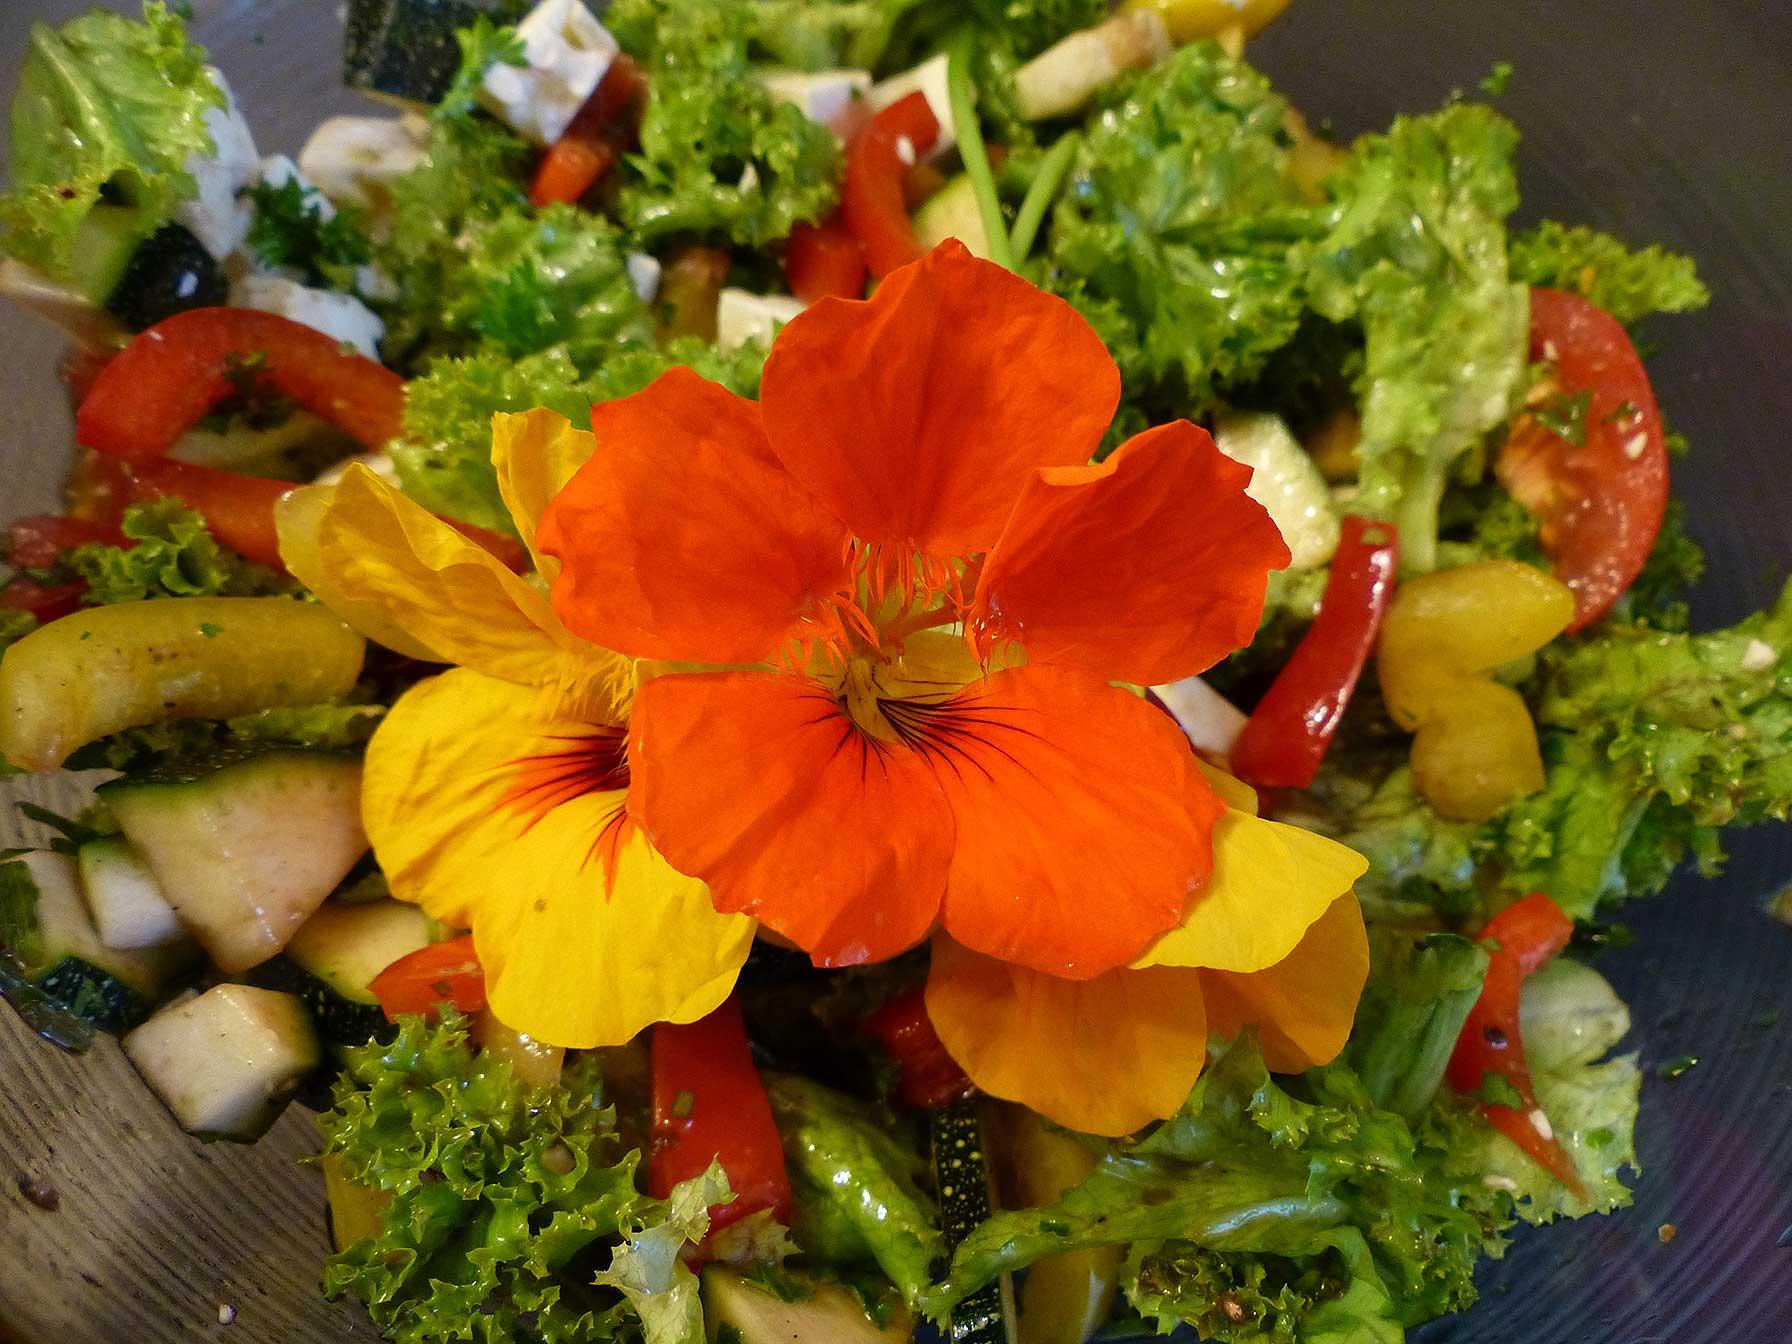 Essbare Kapuzinerkresse-Blüten auf einem Salat dekoriert